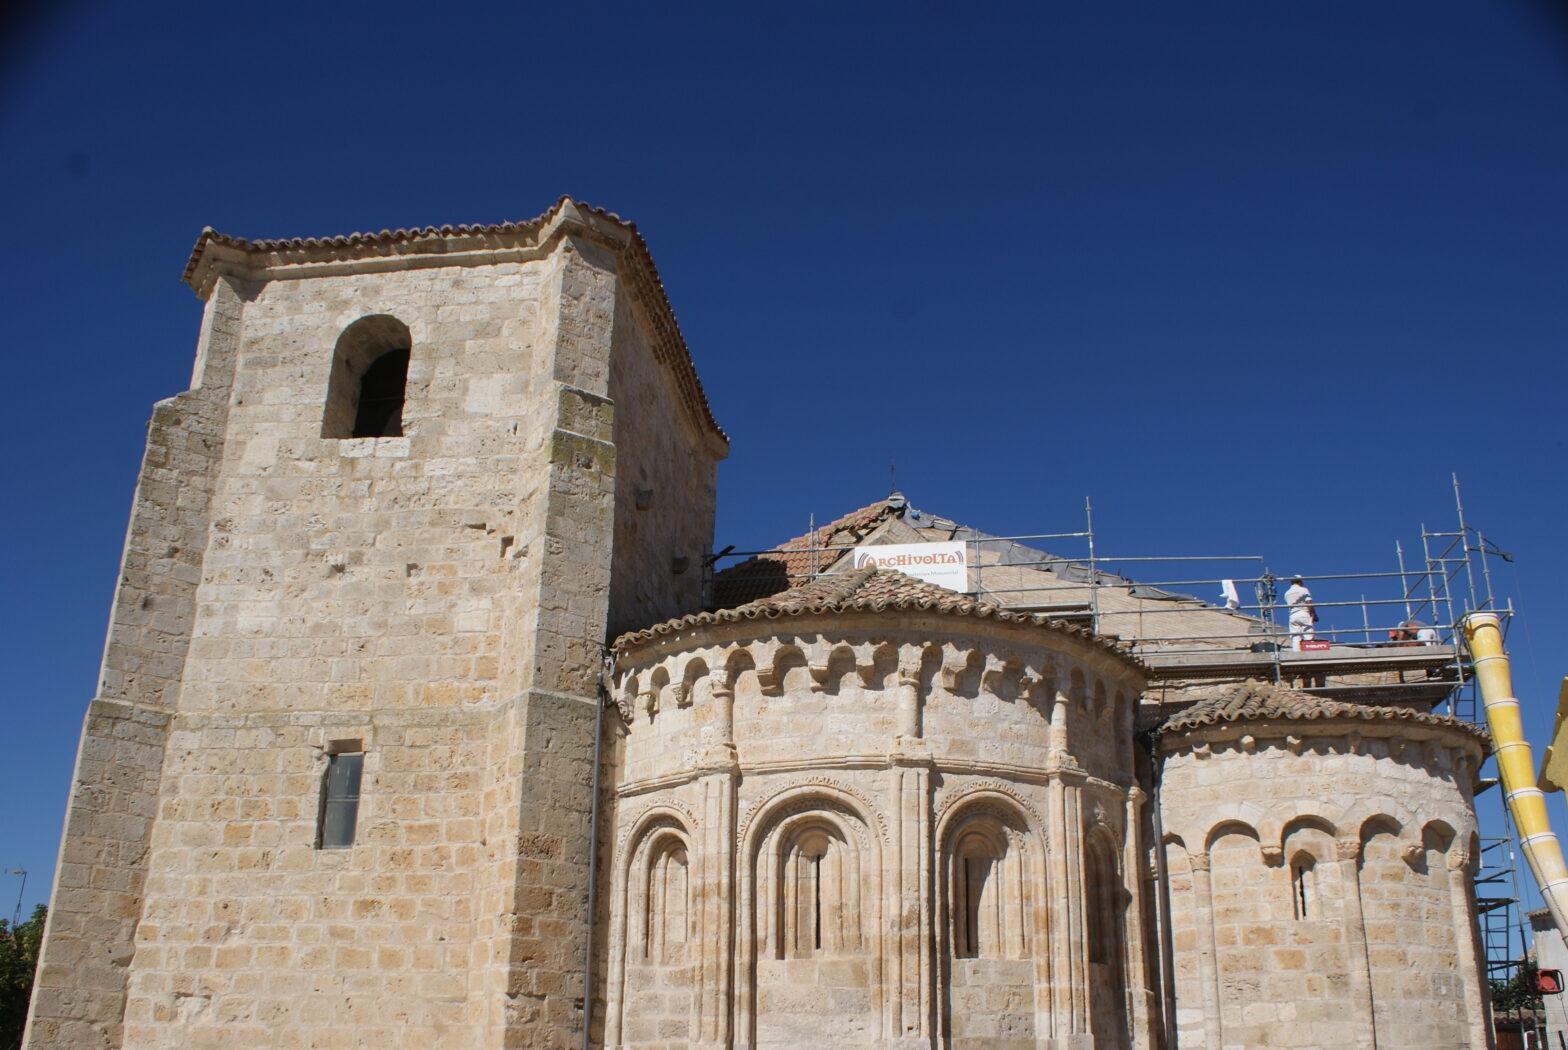 El tejado de la iglesia en obras